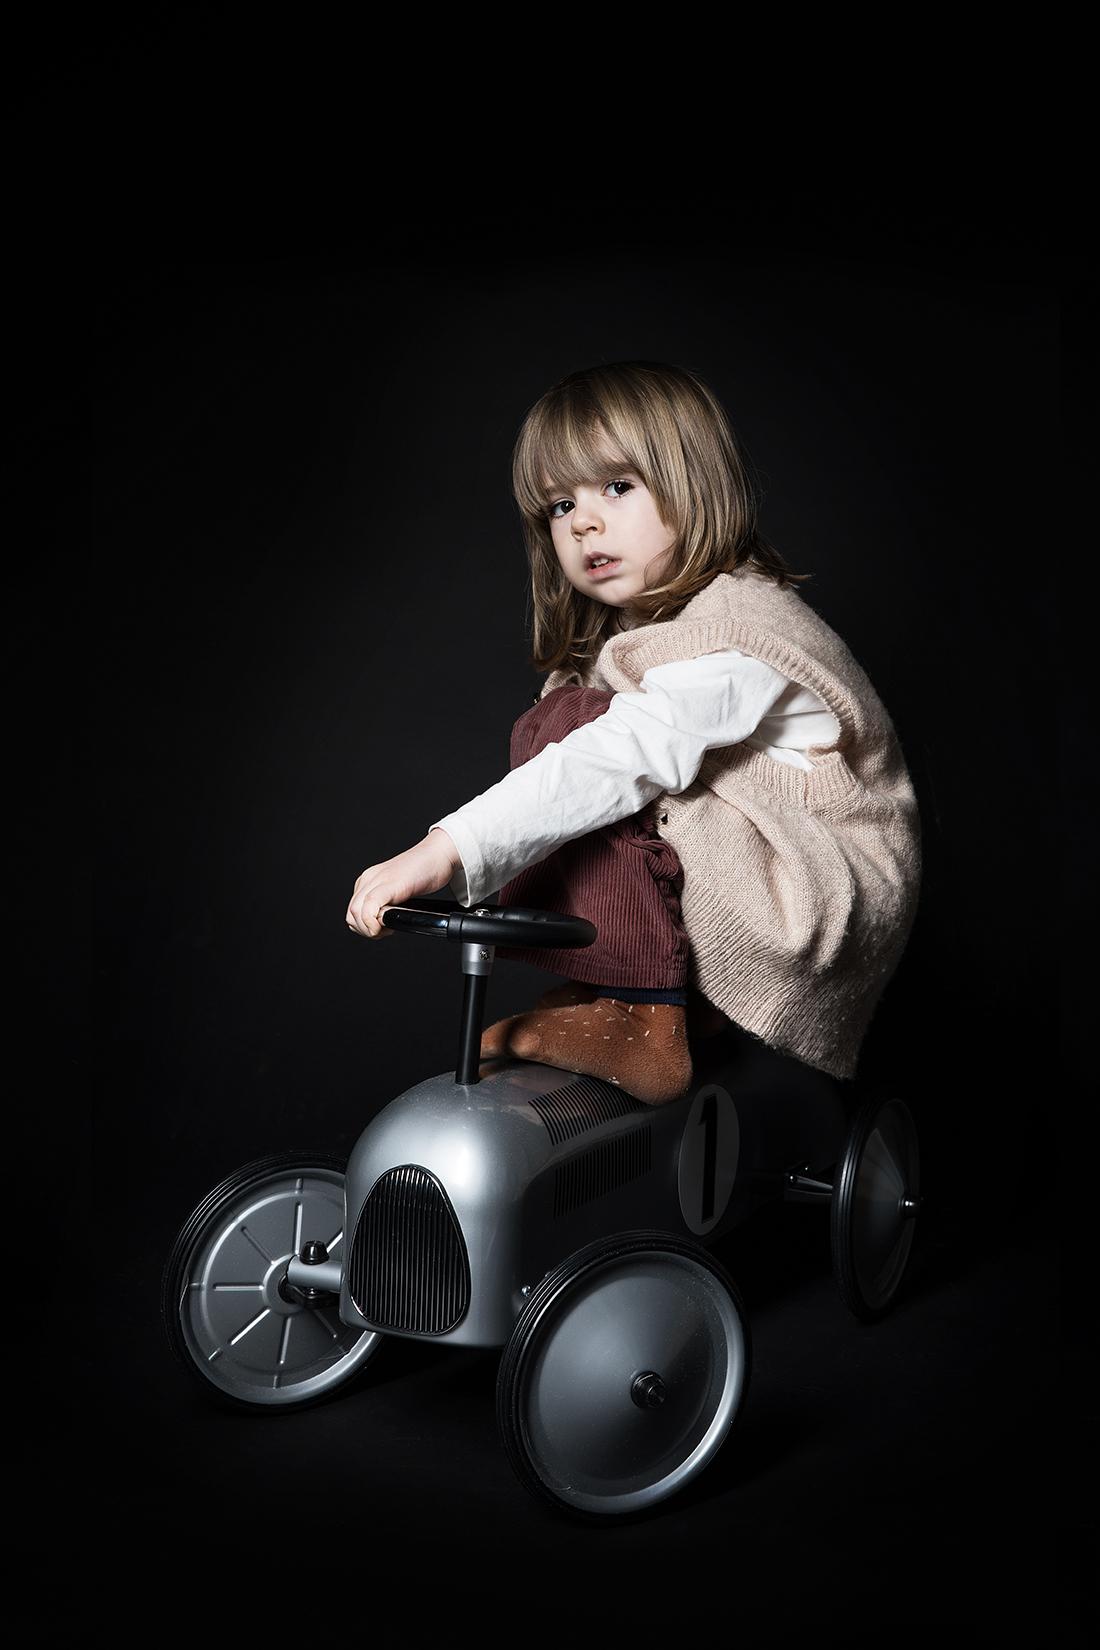 Kinderfotografie Berlin © Miriam Ellerbrake, Berlin 2018